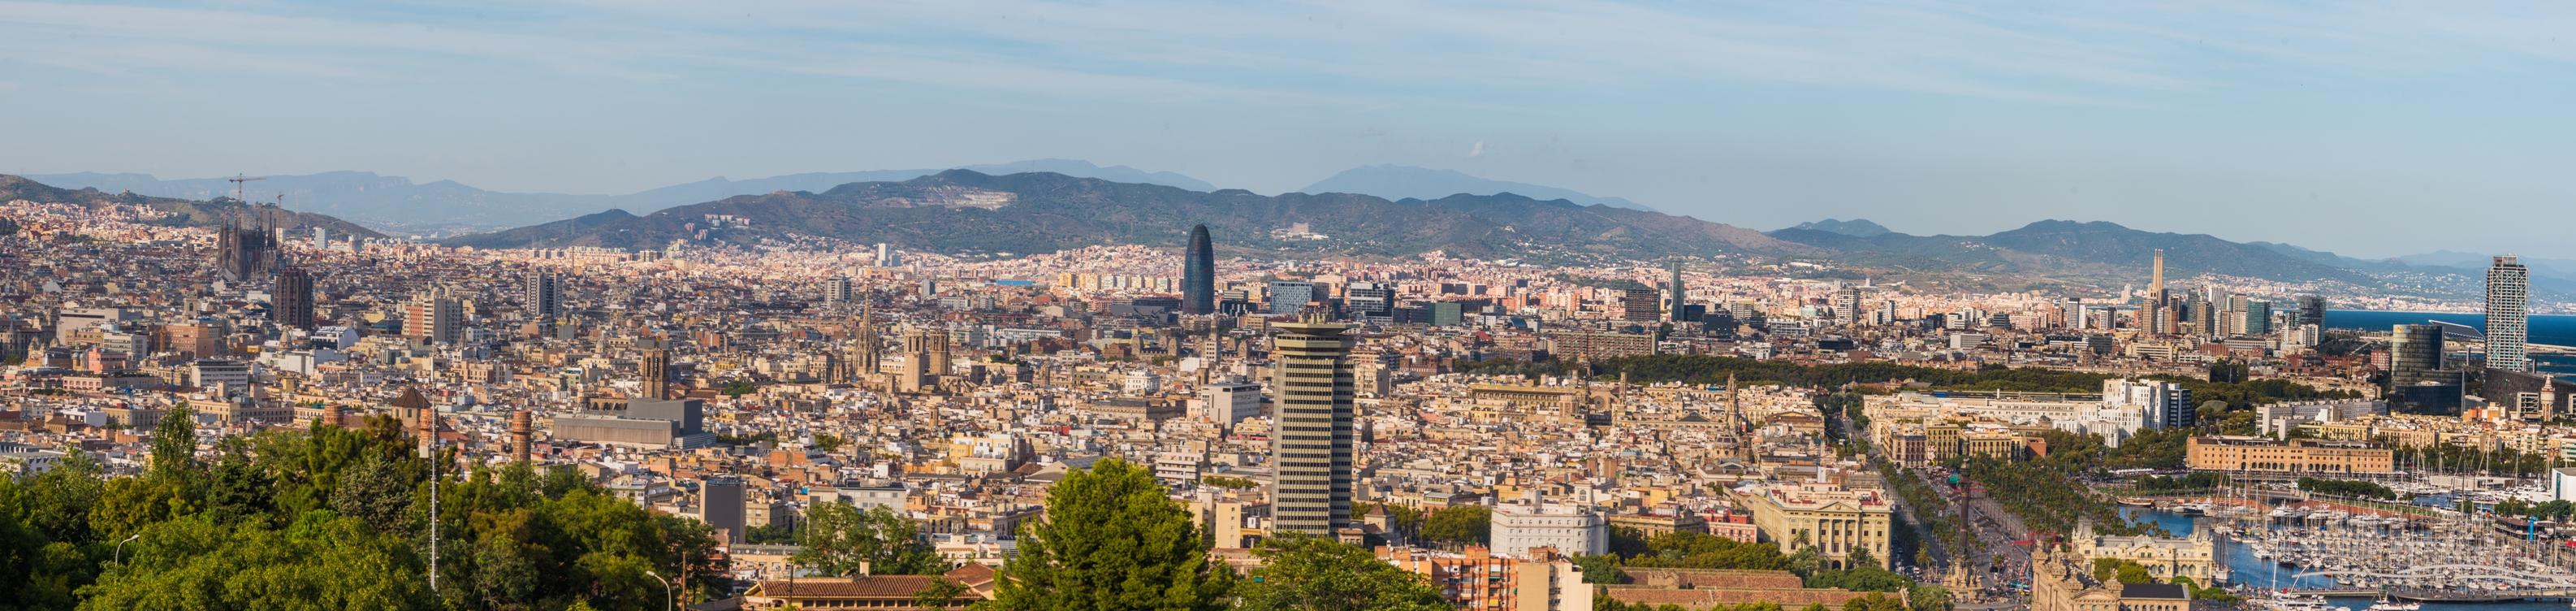 O alta panorama asupra altei parti din Barcelona. Cum dealul este destul de povarnit si aleile sinuoase, veti gasi destule locuri de unde se poate admira orasul.